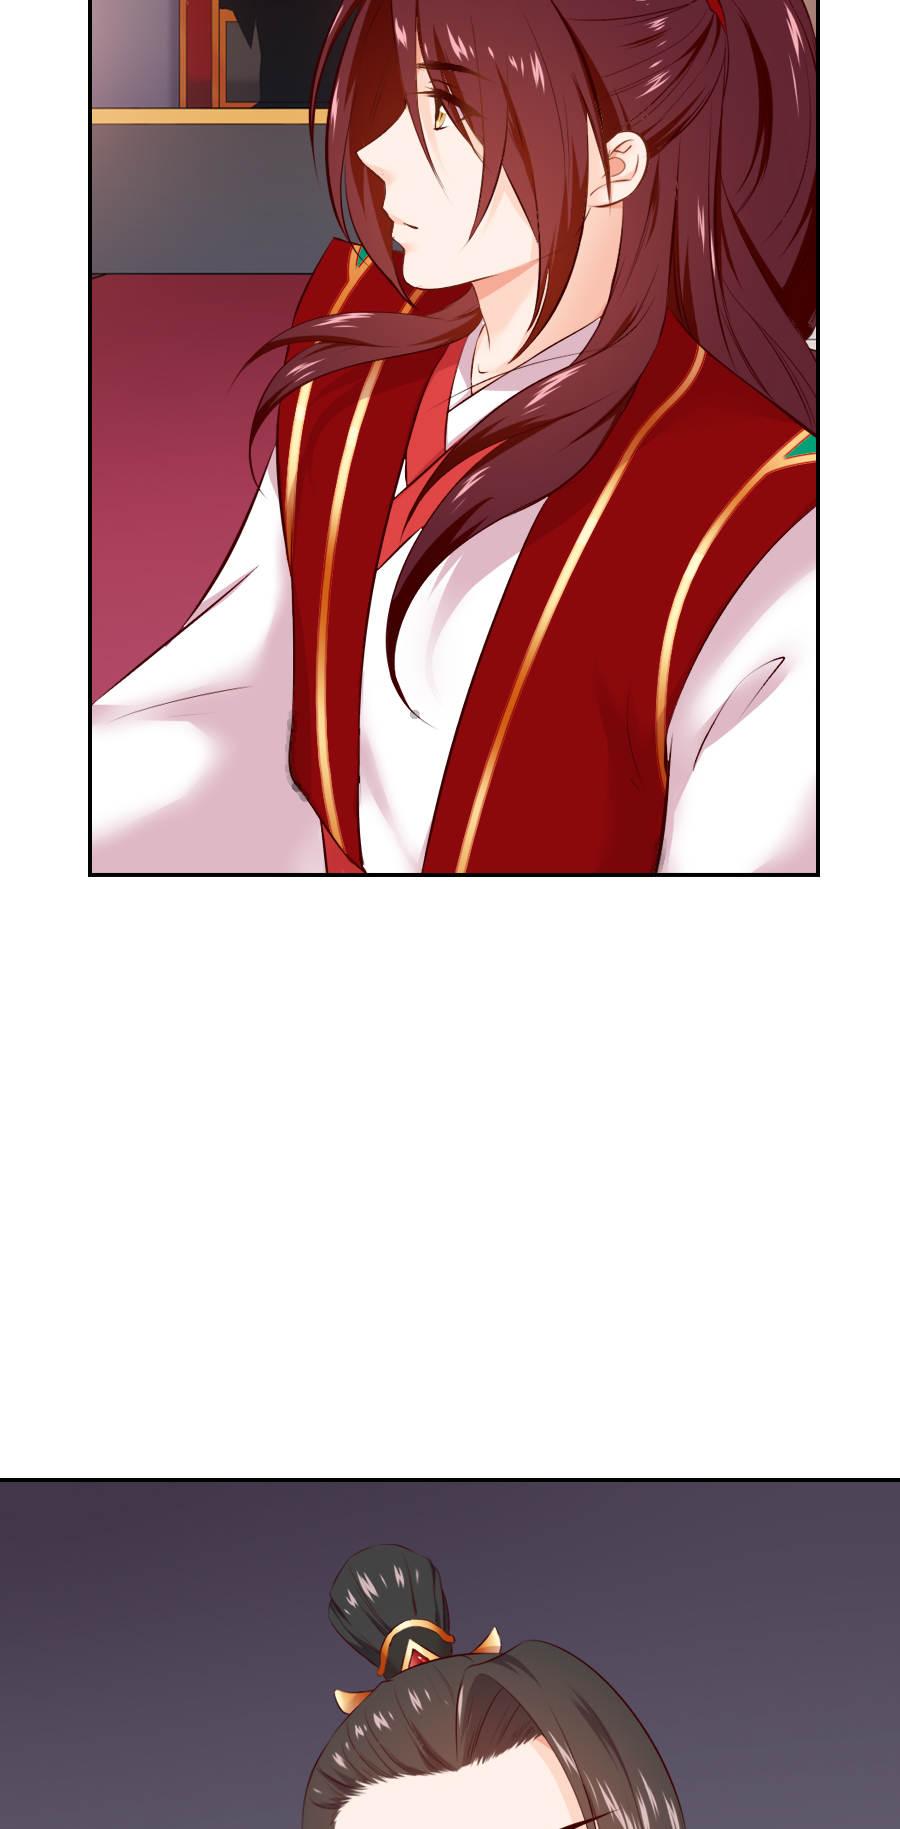 盛世帝王妃第52话  疑心暗生 第 24